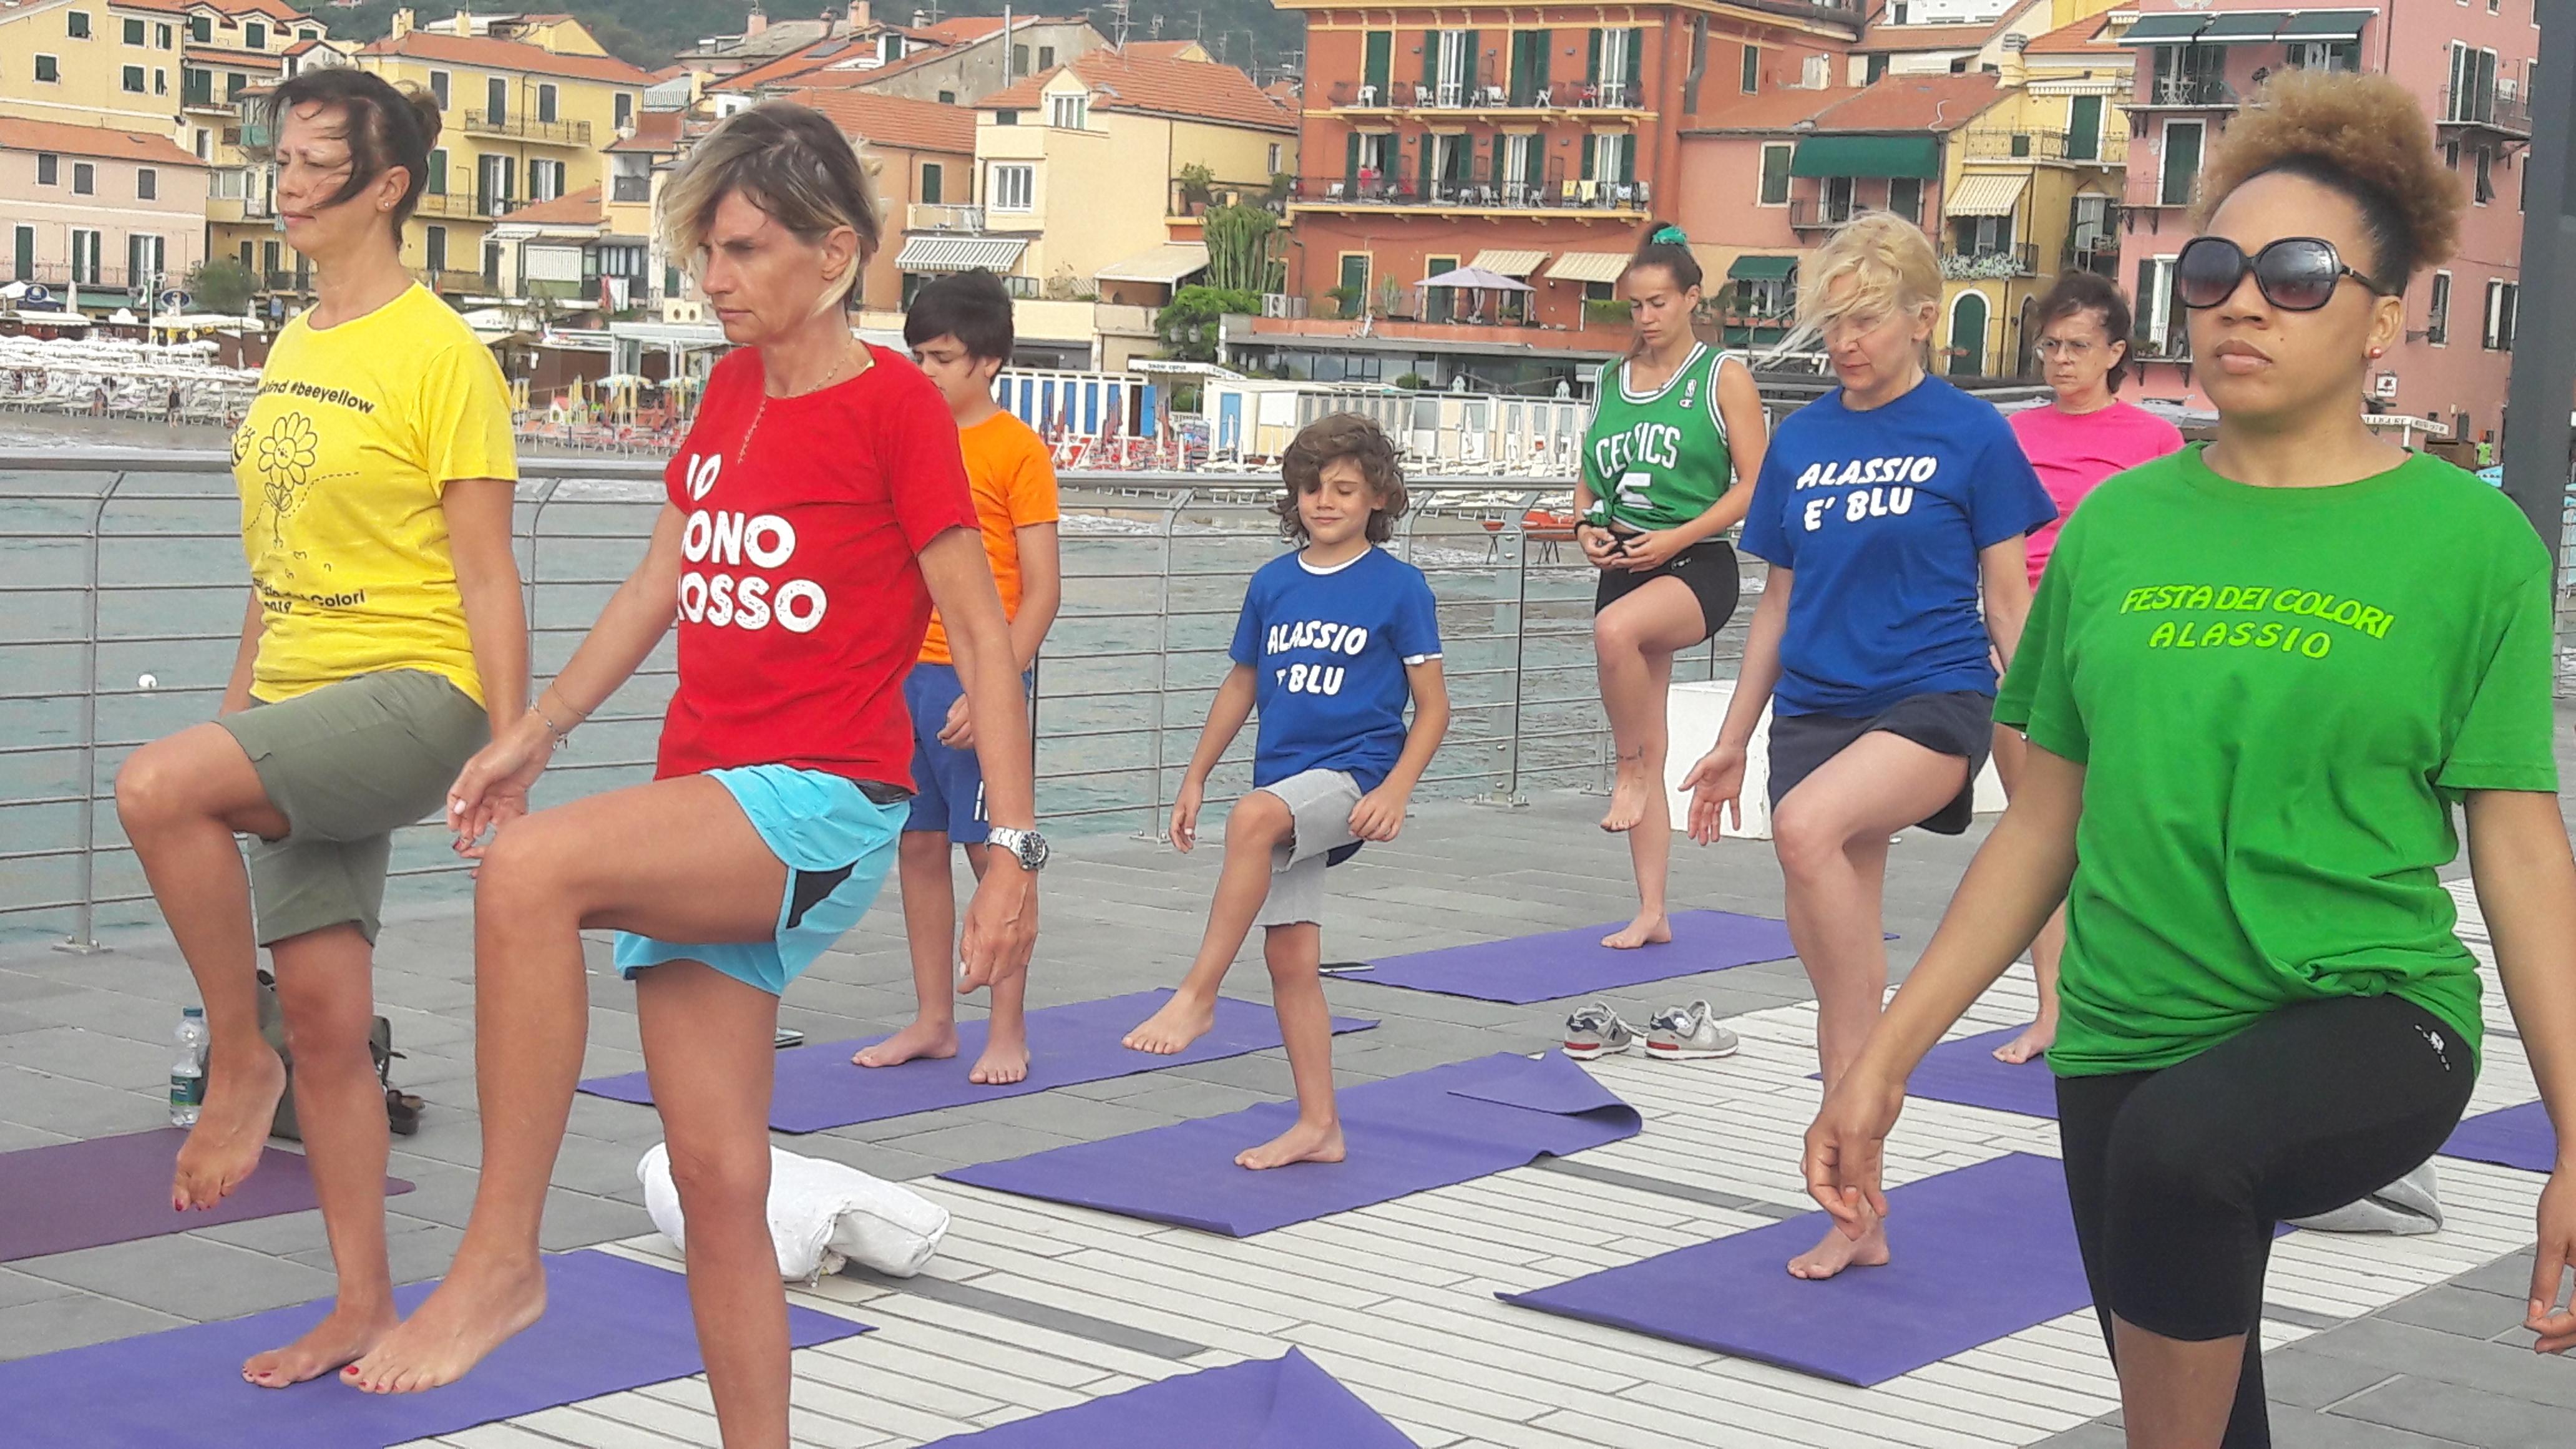 Alassio-united-colors-of-yoga-free-gratuito-per-tutti-festa-colori-lucia-ragazzi-essere-benessere-3